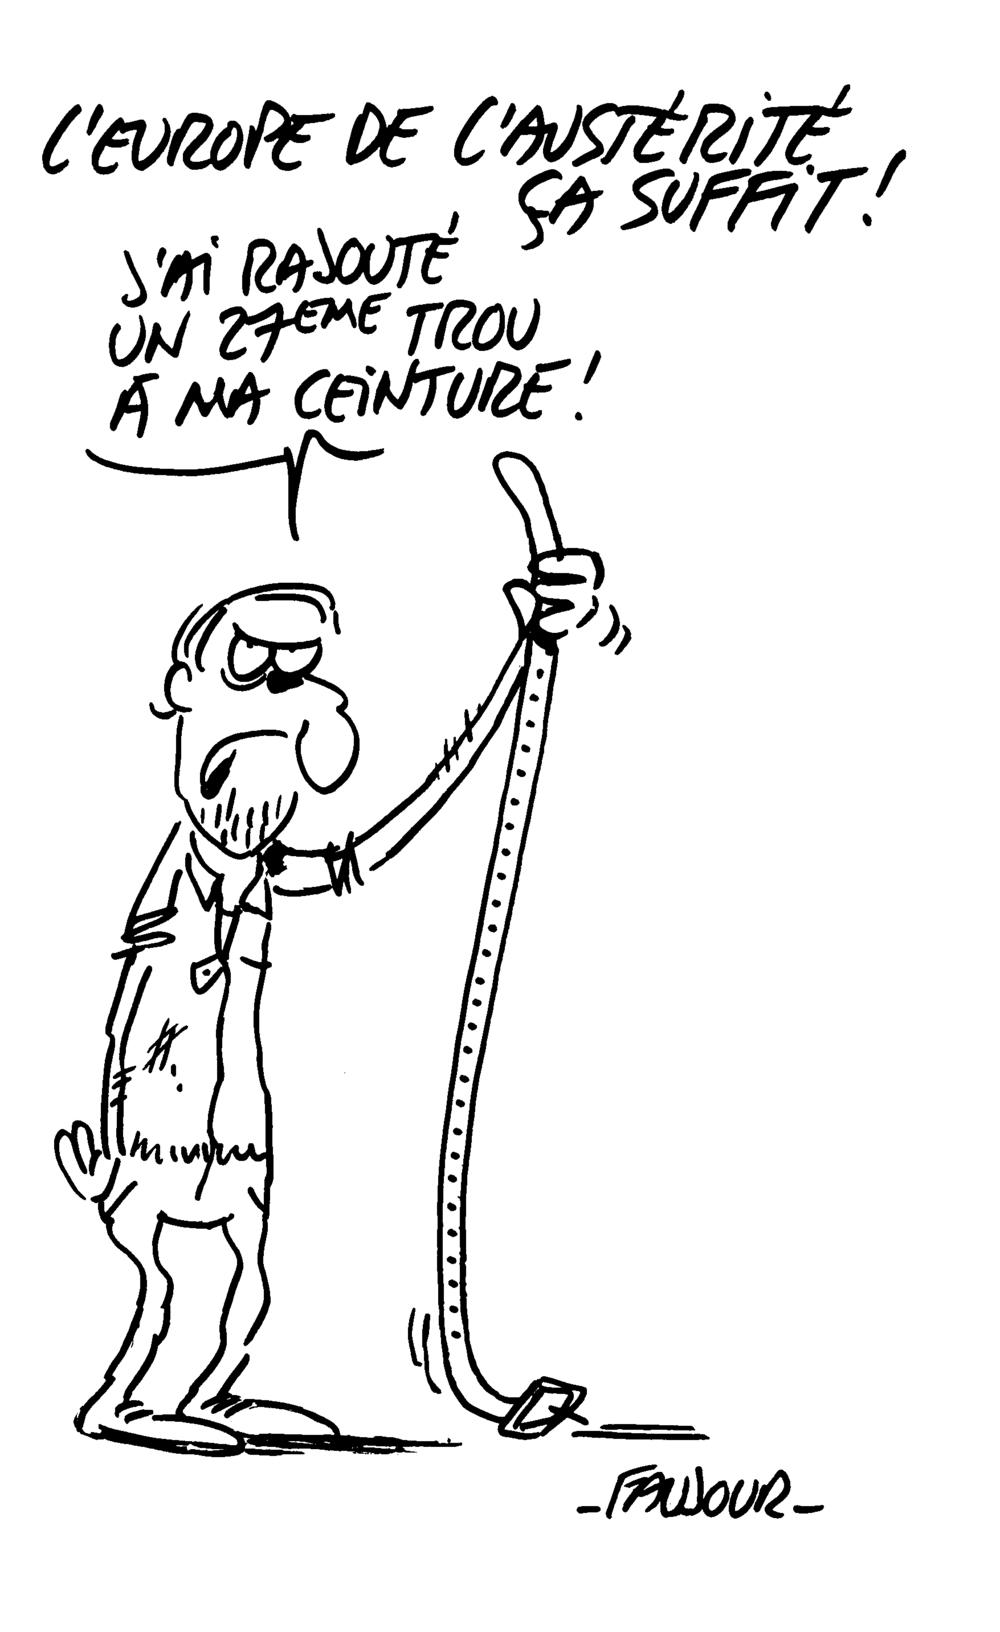 http://www.npa2009.org/sites/default/files/styles/largeur_content_hauteur_complet/public/rouge-2-europe323.jpg?itok=Jn5fCu6L